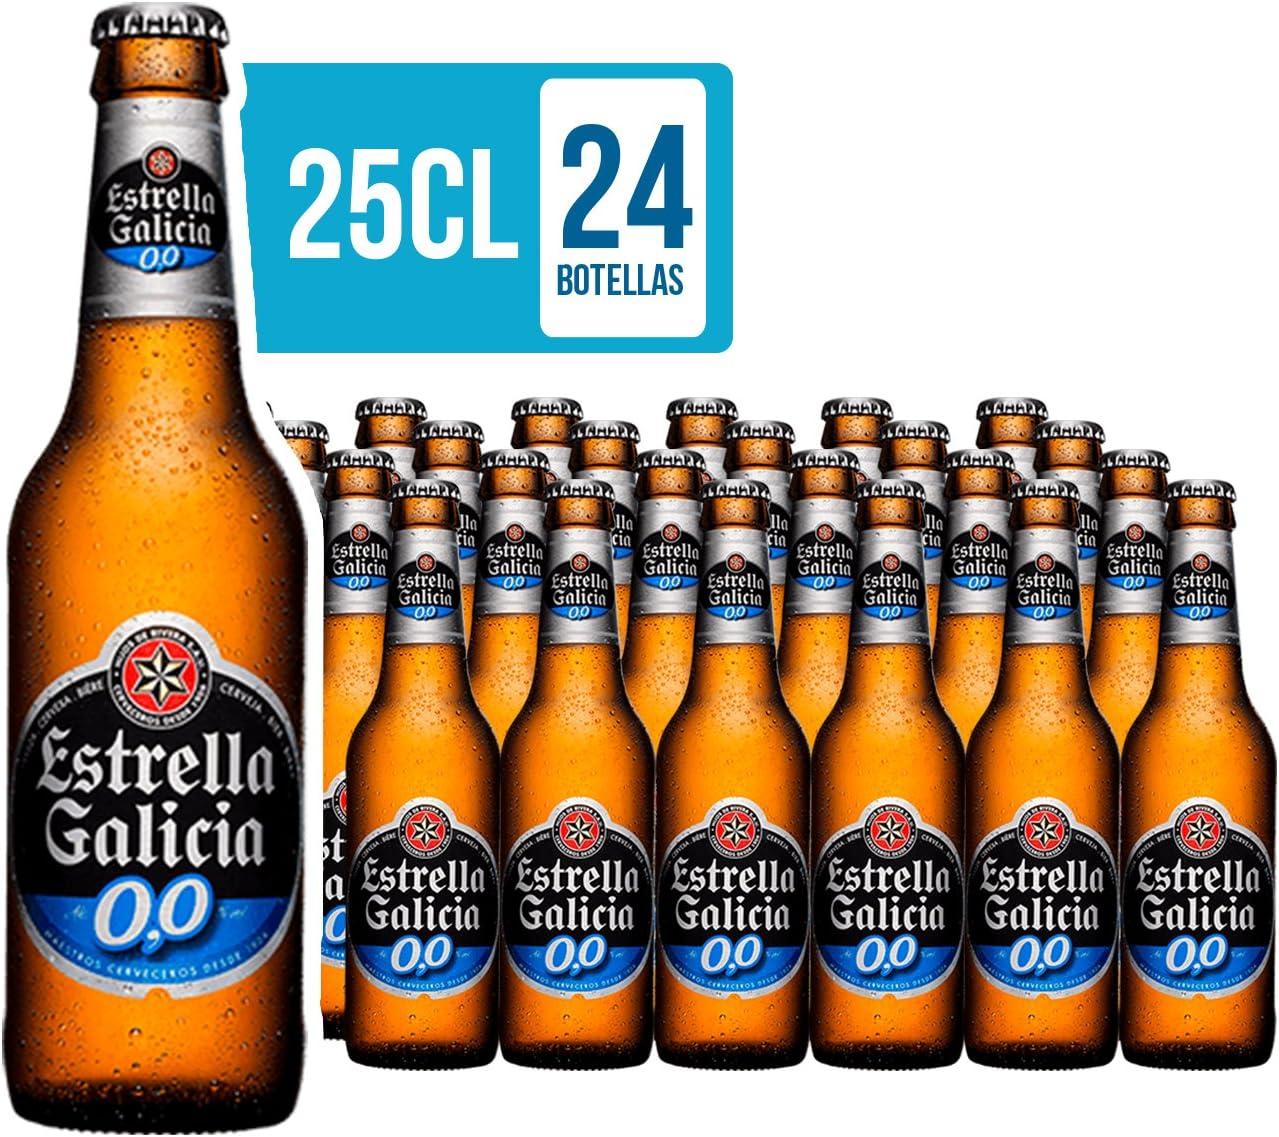 Estrella Galicia Cerveza 00 - Pack de 24 botellas x 25 cl: Amazon.es: Alimentación y bebidas